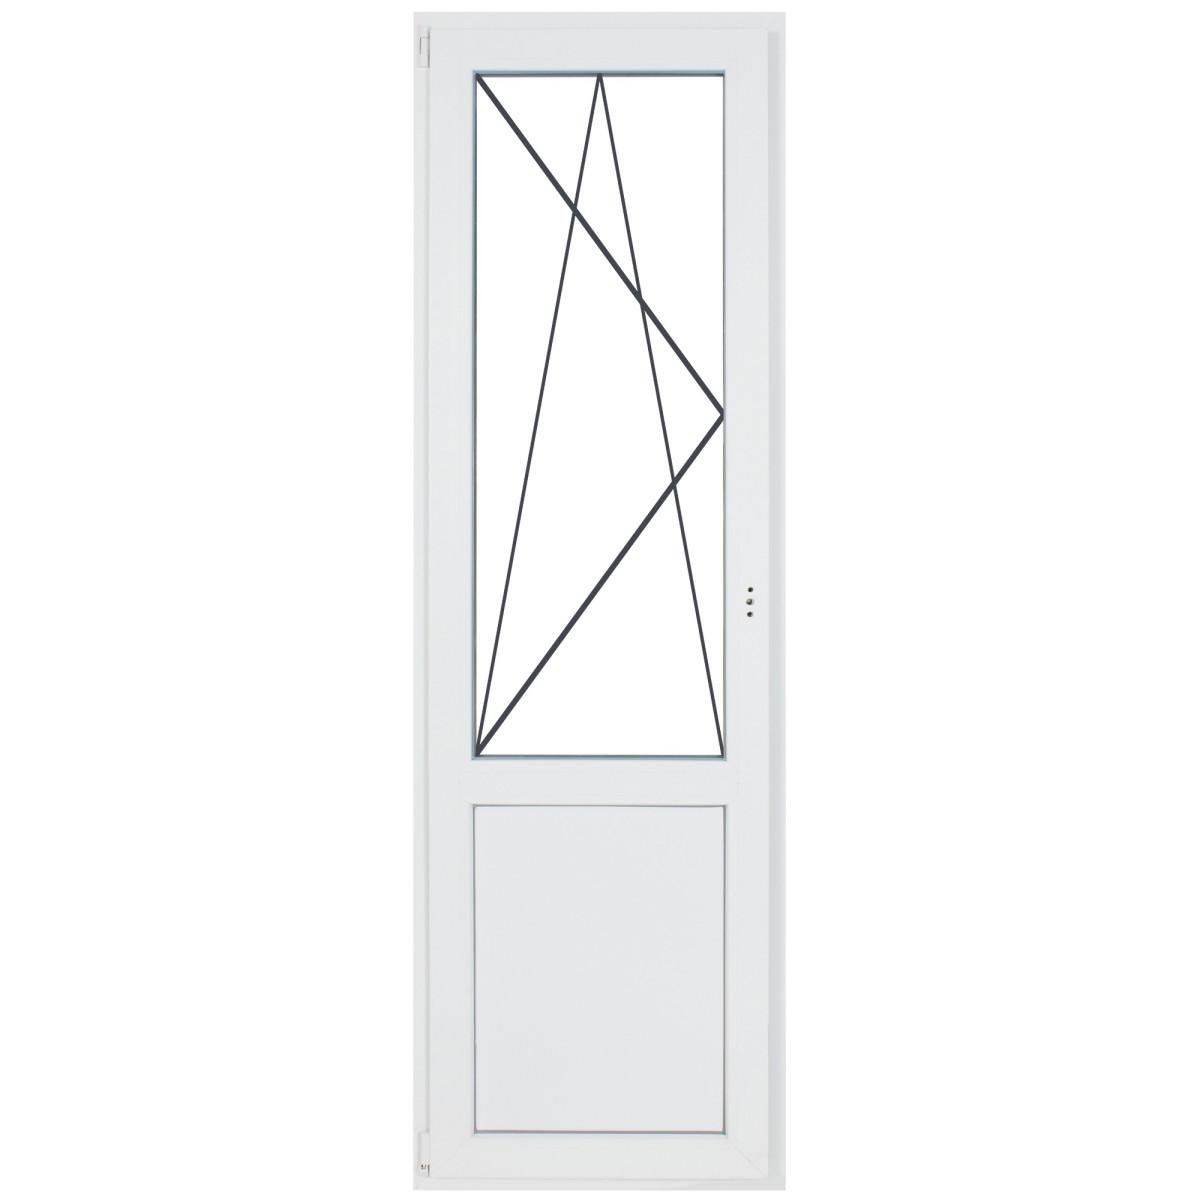 Дверь балконная ПВХ 218х67 см двухкамерная левая